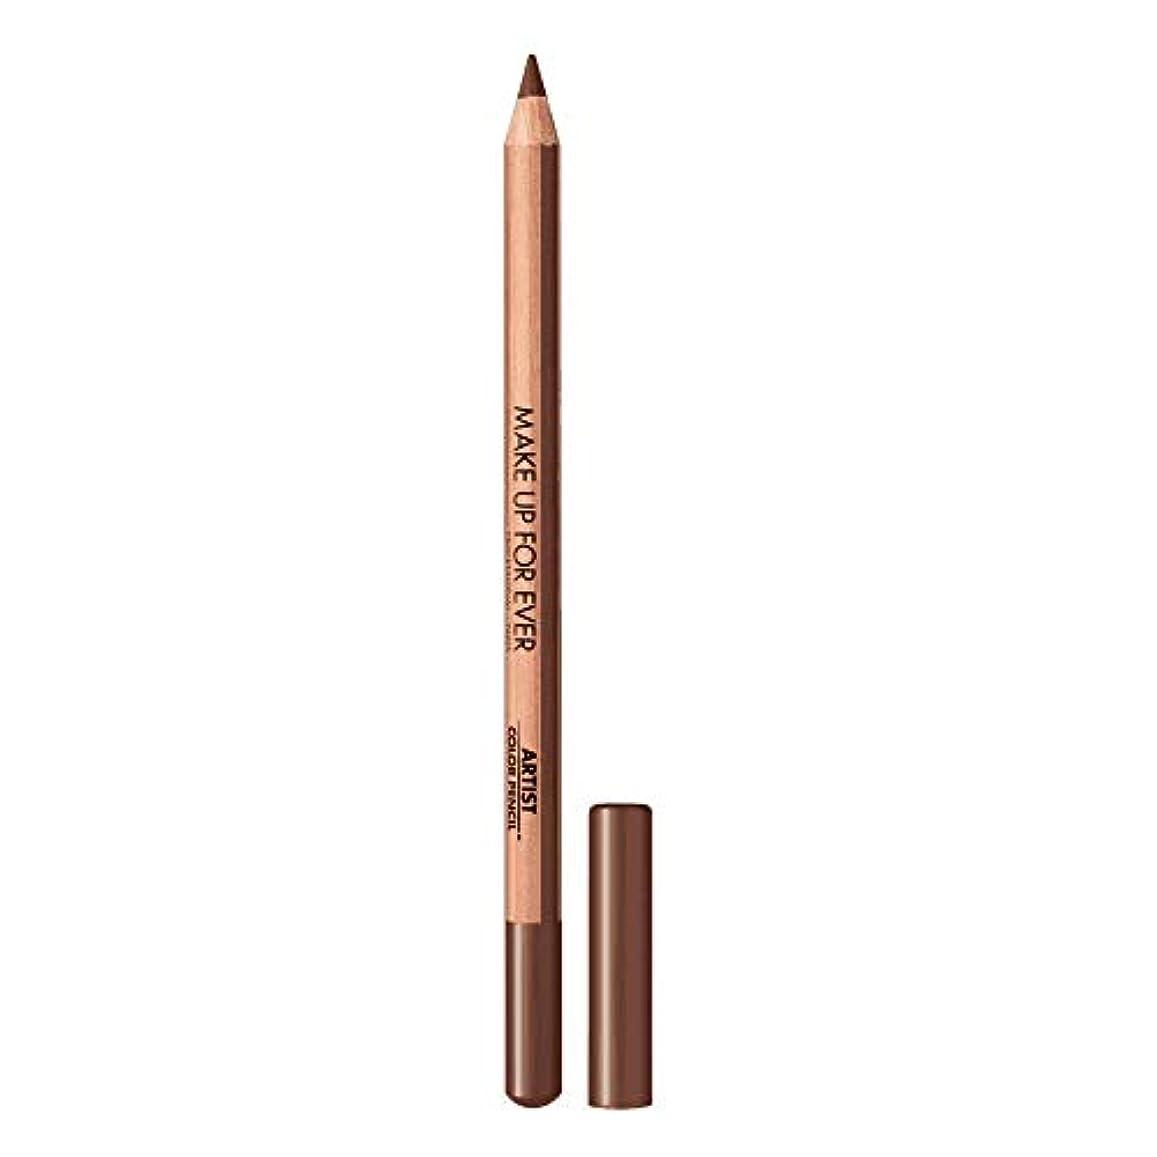 収穫開いた事故メイクアップフォーエバー Artist Color Pencil - # 608 Limitless Brown 1.41g/0.04oz並行輸入品